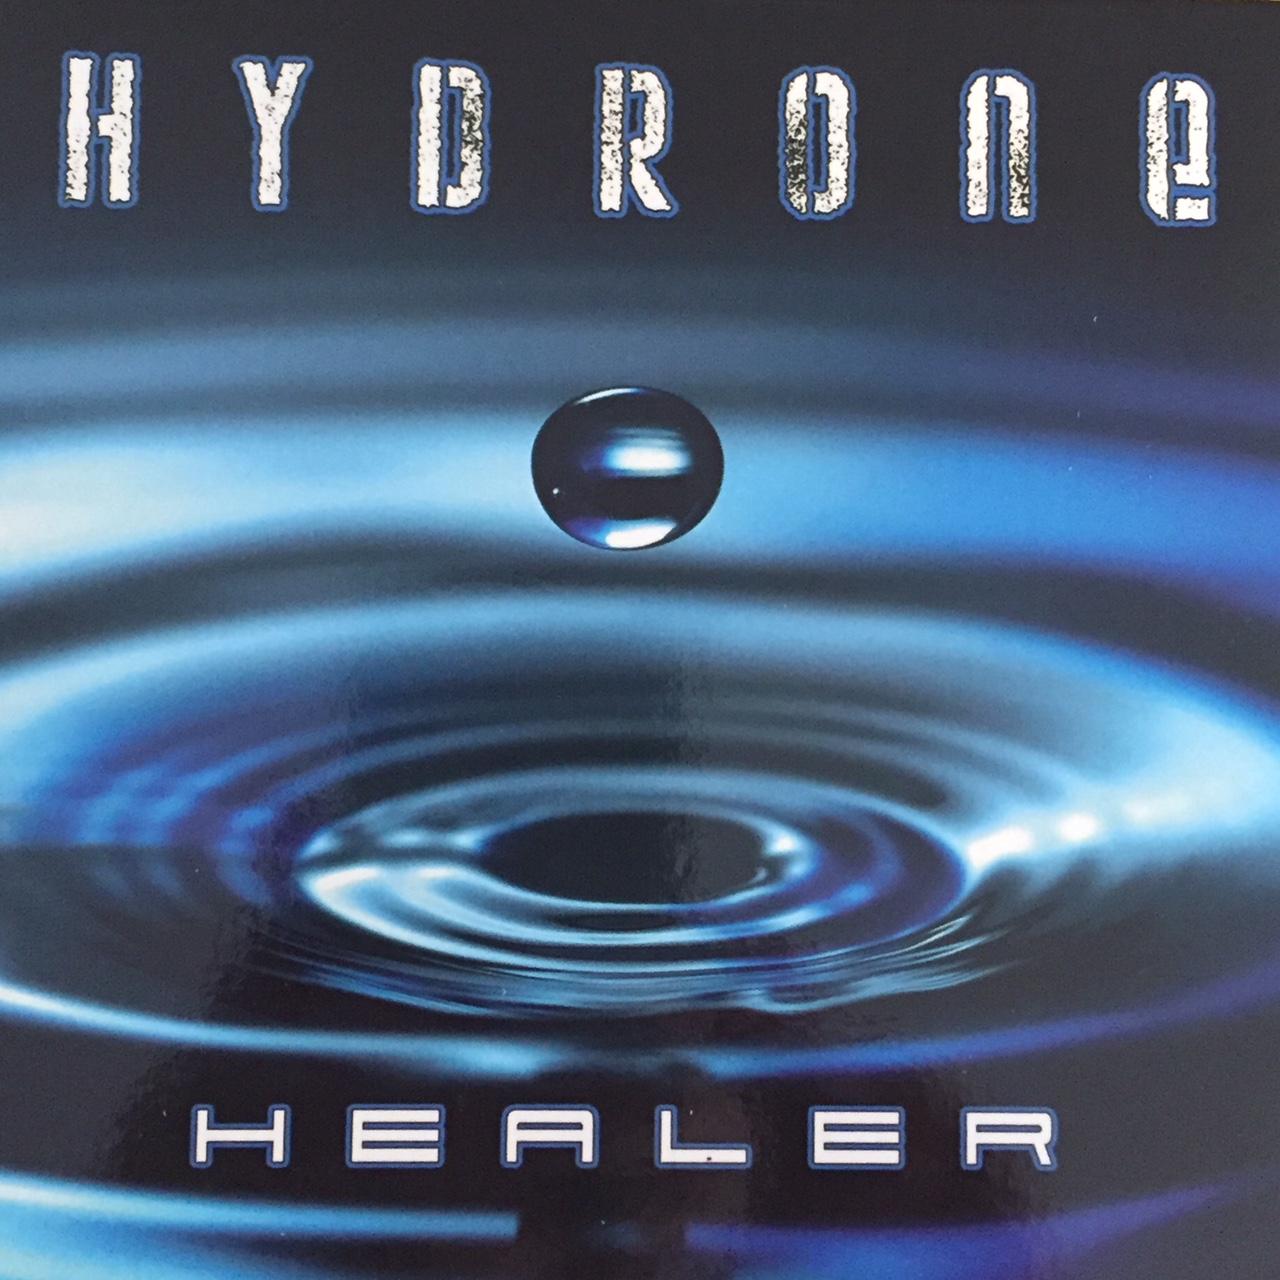 Hydrone - Healer